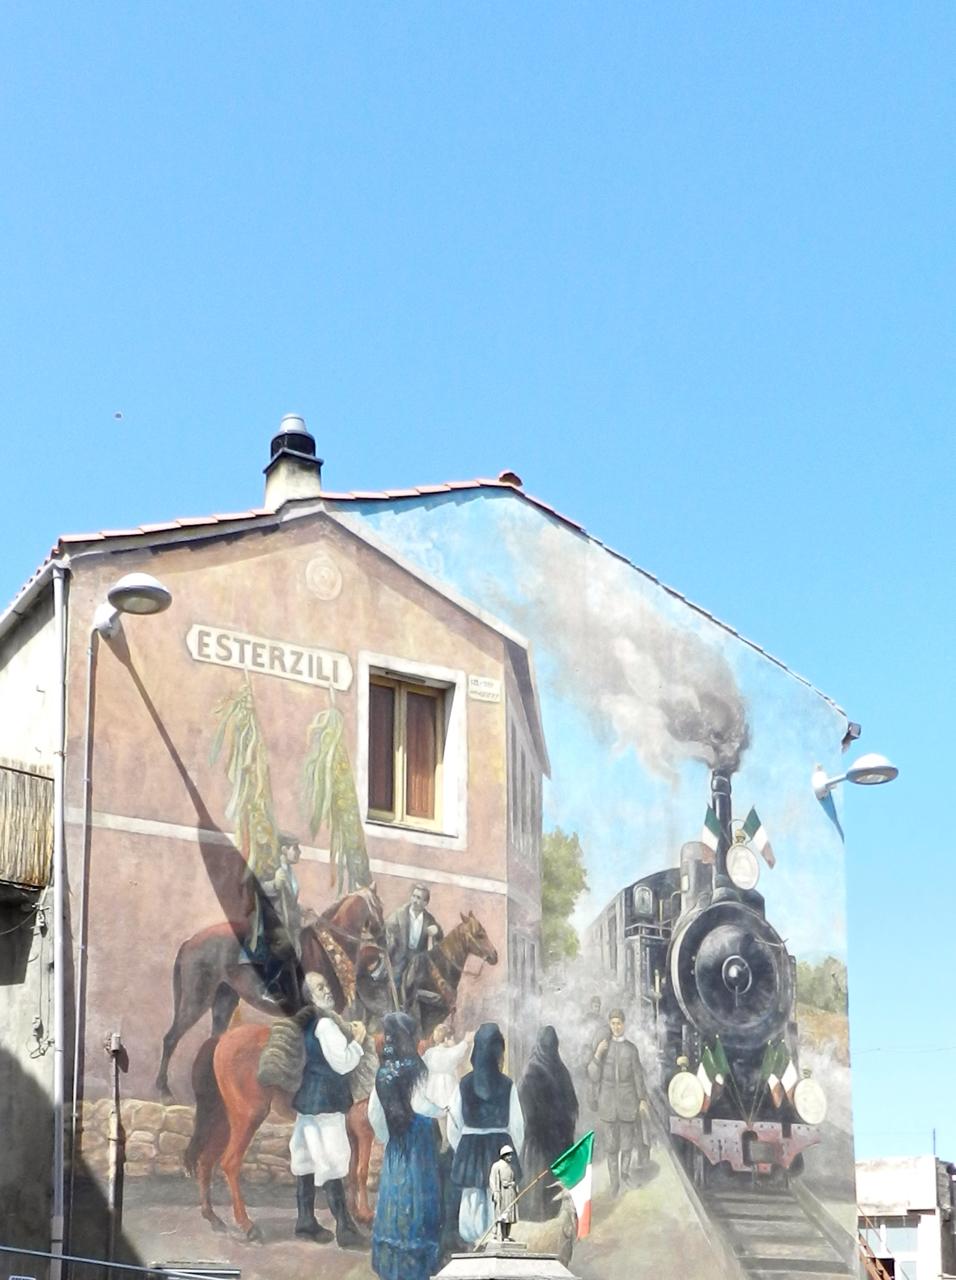 Murales in Esterzili